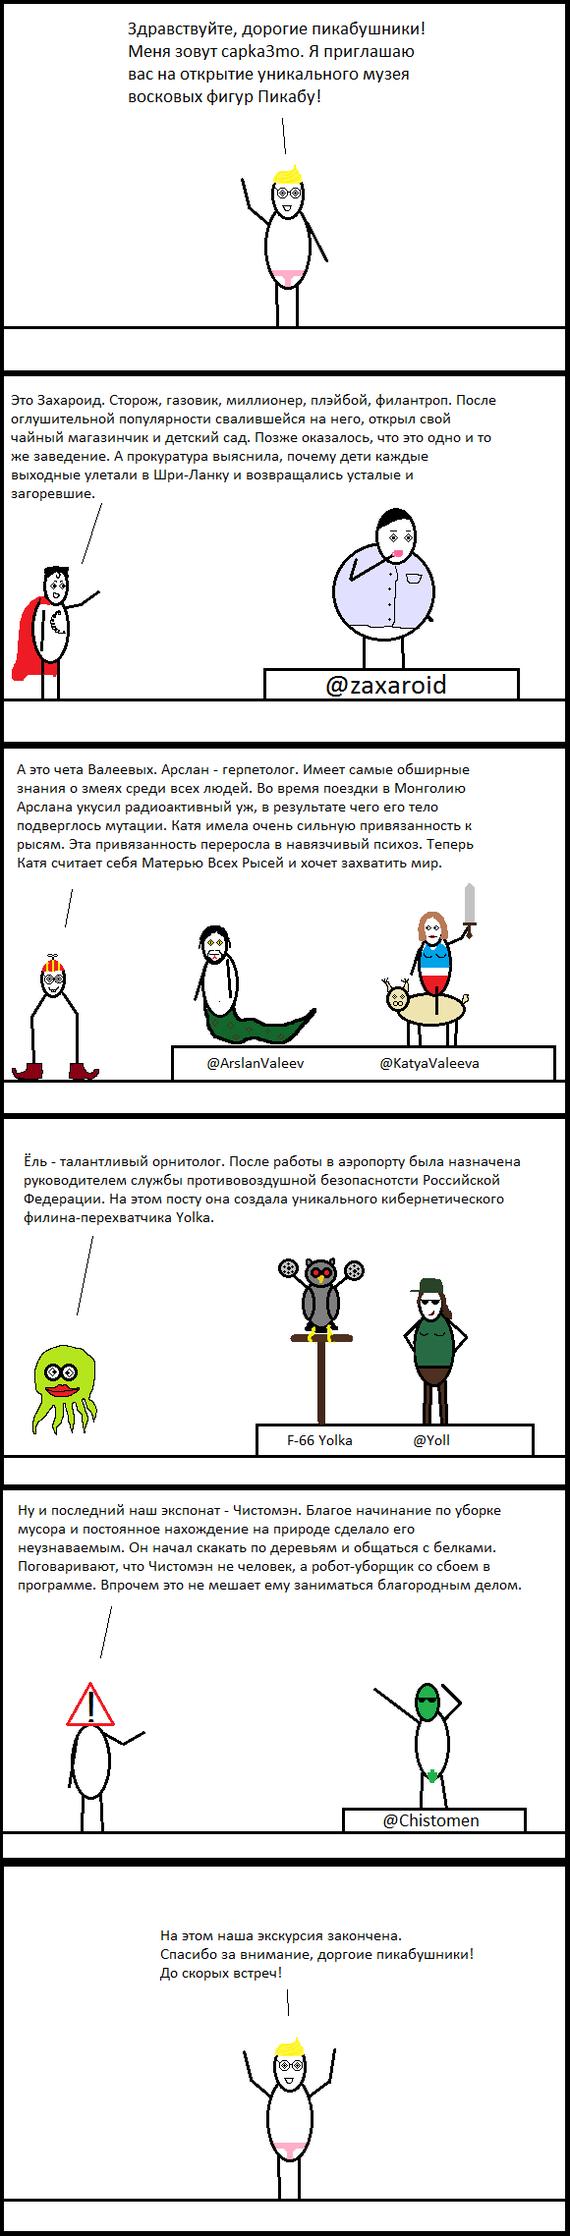 Музейное Cynicmansion, Комиксы, Восковые фигуры, Пикабушники, Музей, Длиннопост